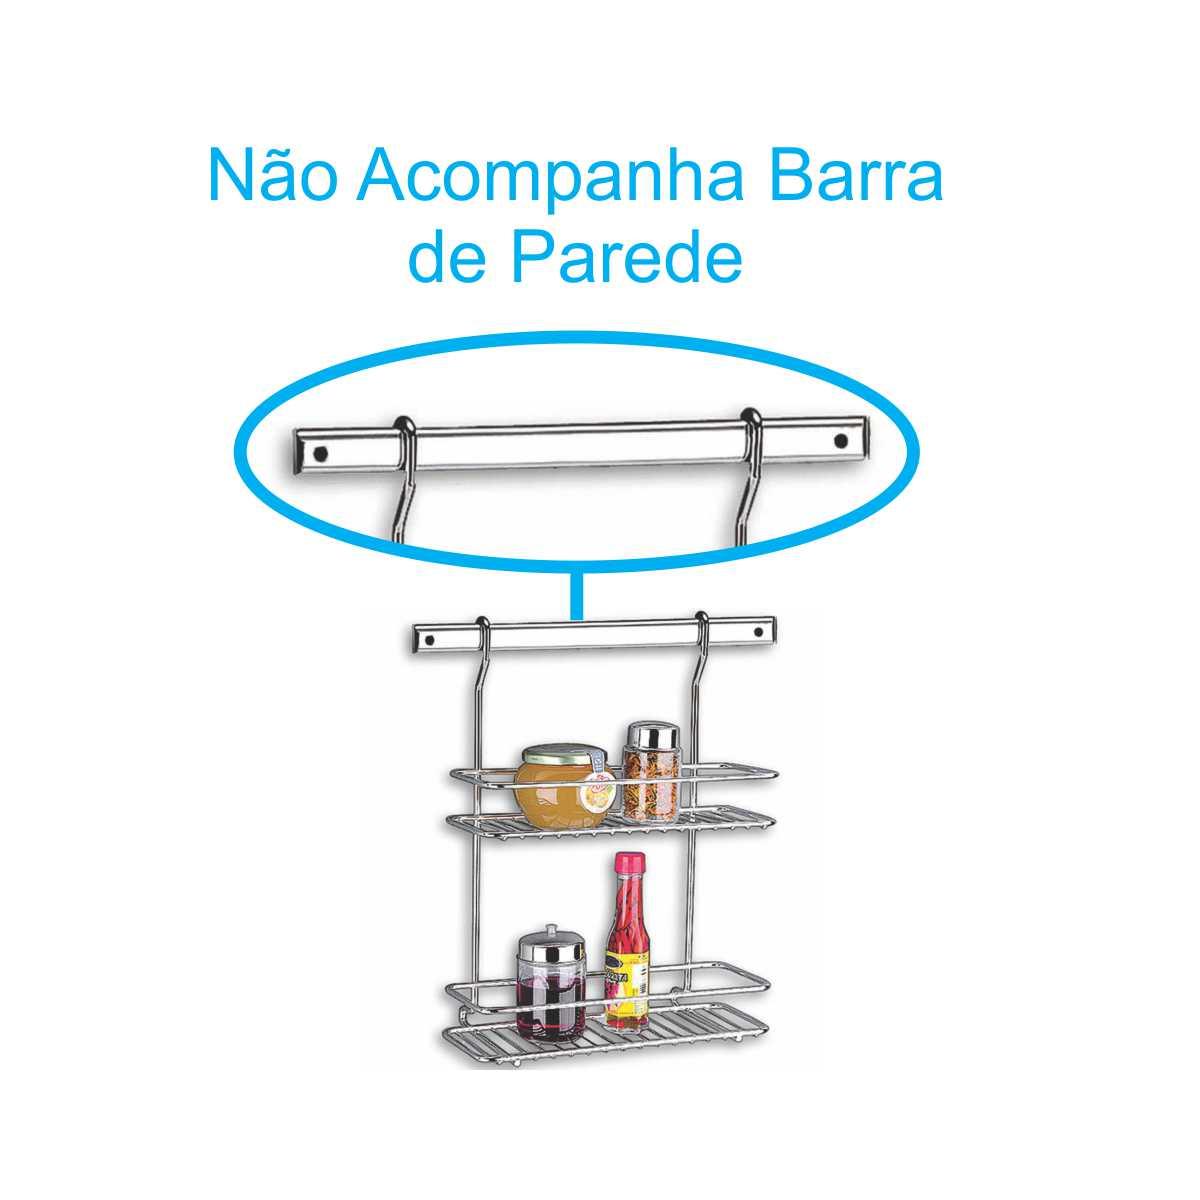 Escorredor de Pratos e Copos de Parede 16 Pratos Brinox Top Pratic 2200/008